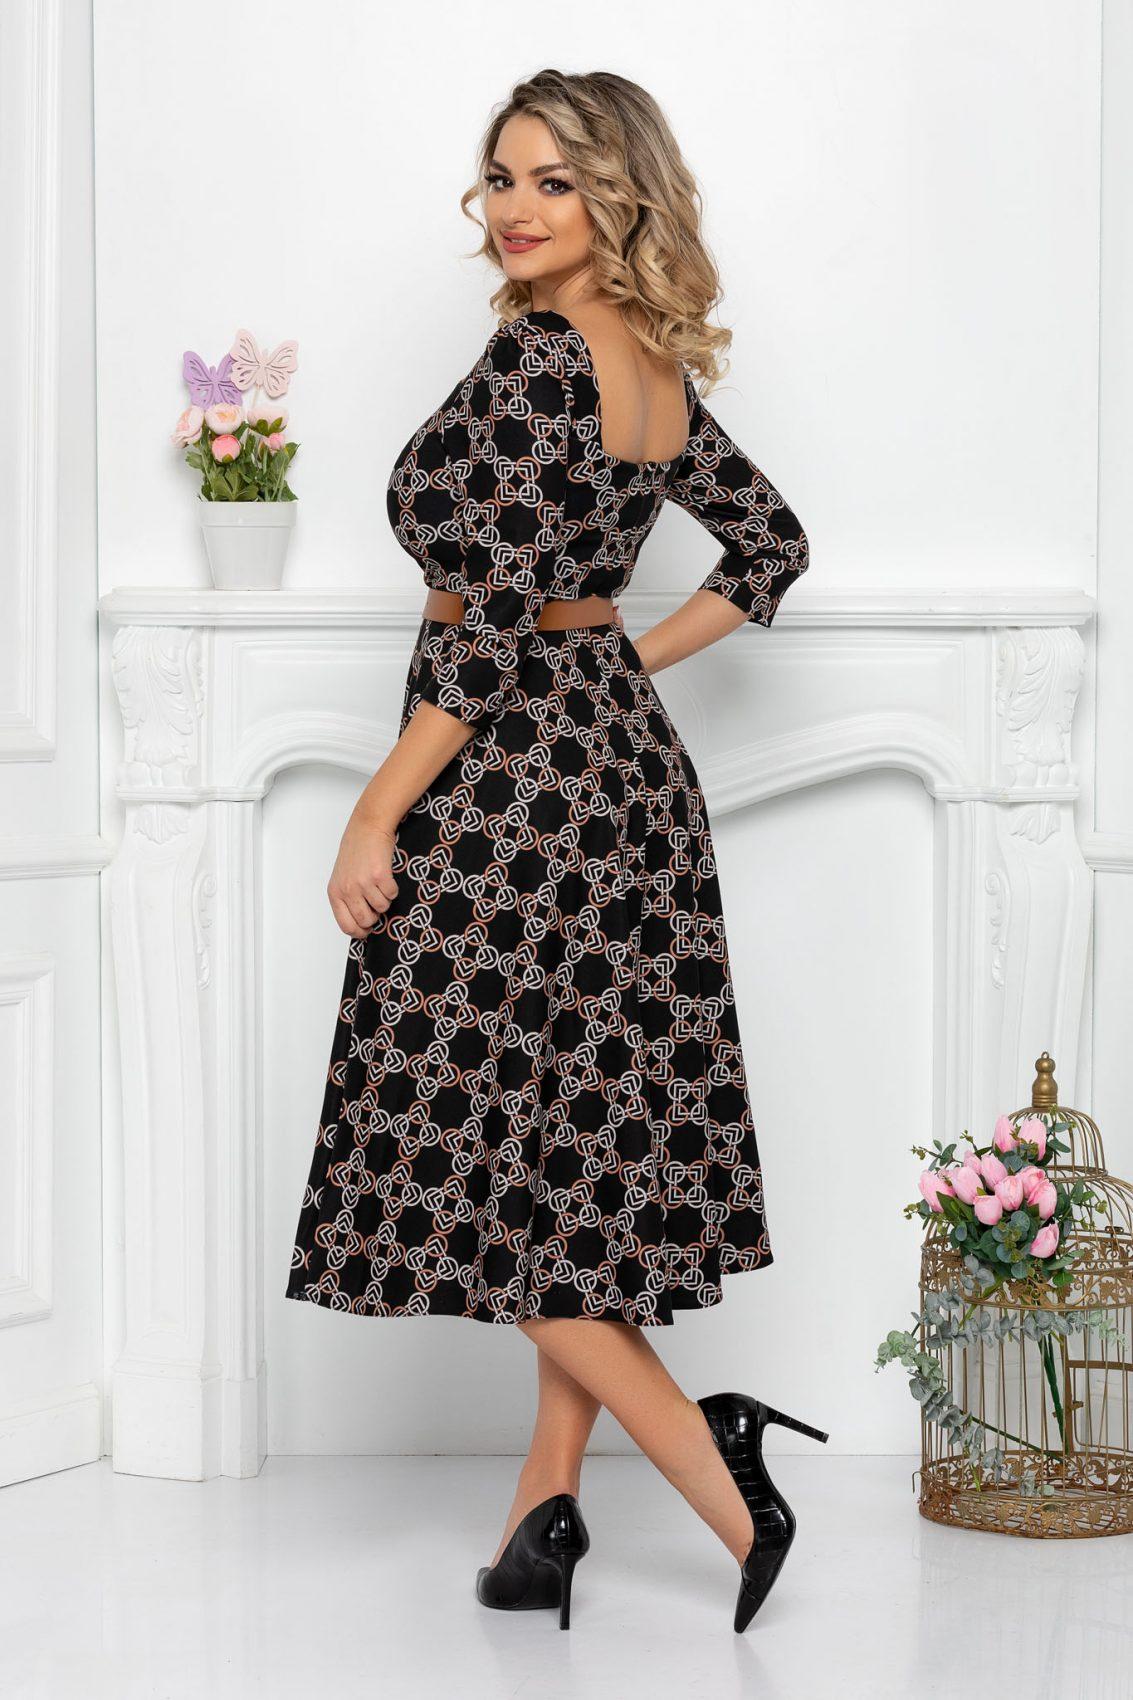 Μαυρο Φόρεμα Με 3/4 Μανίκι Hariett 8447 2